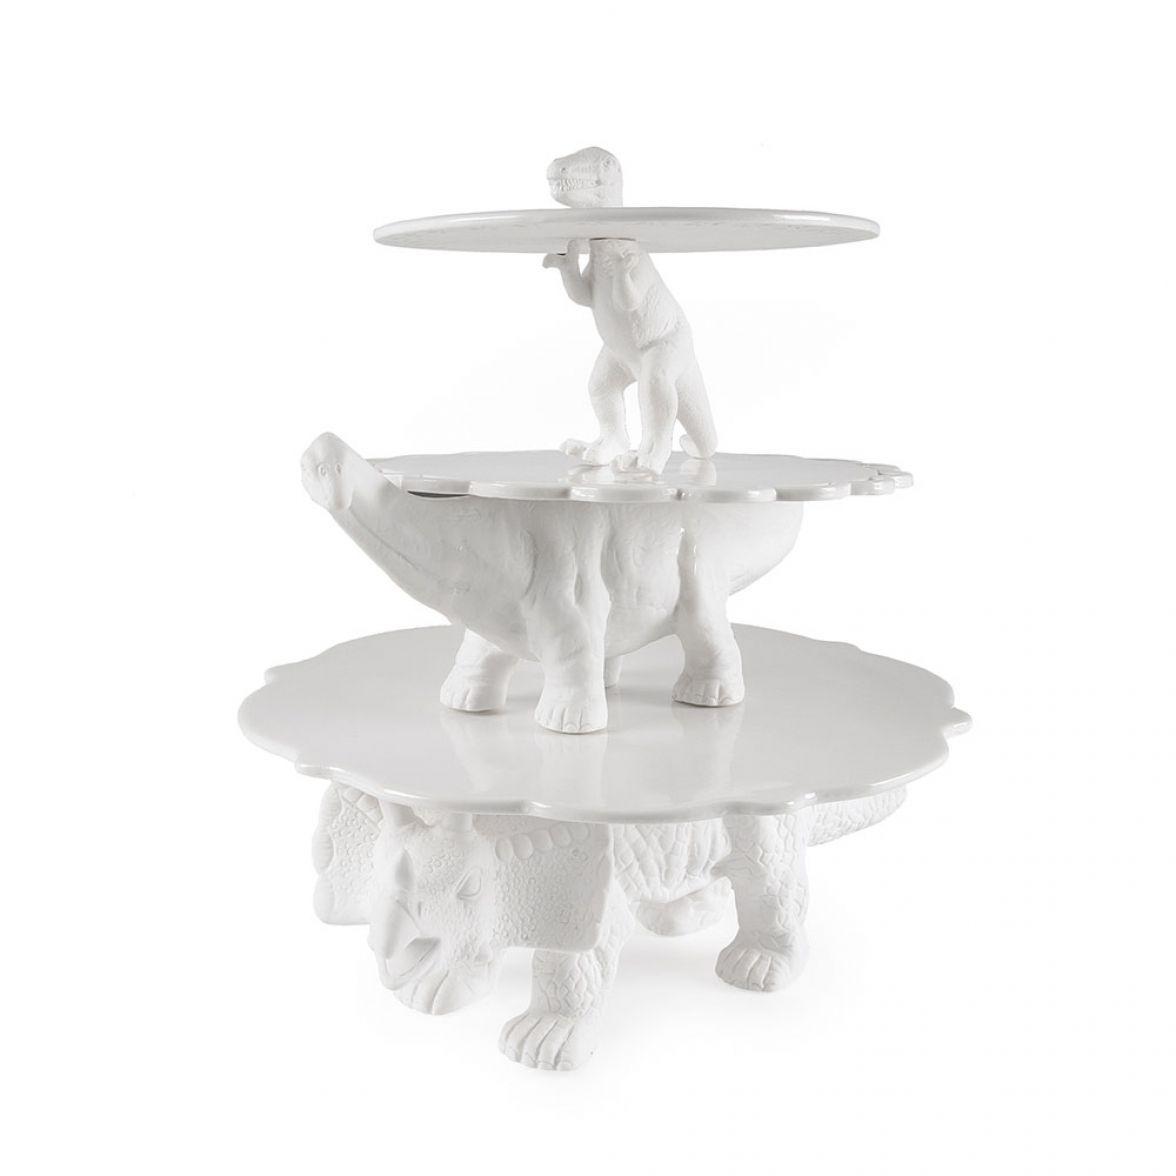 Sauria porcelain cakestand